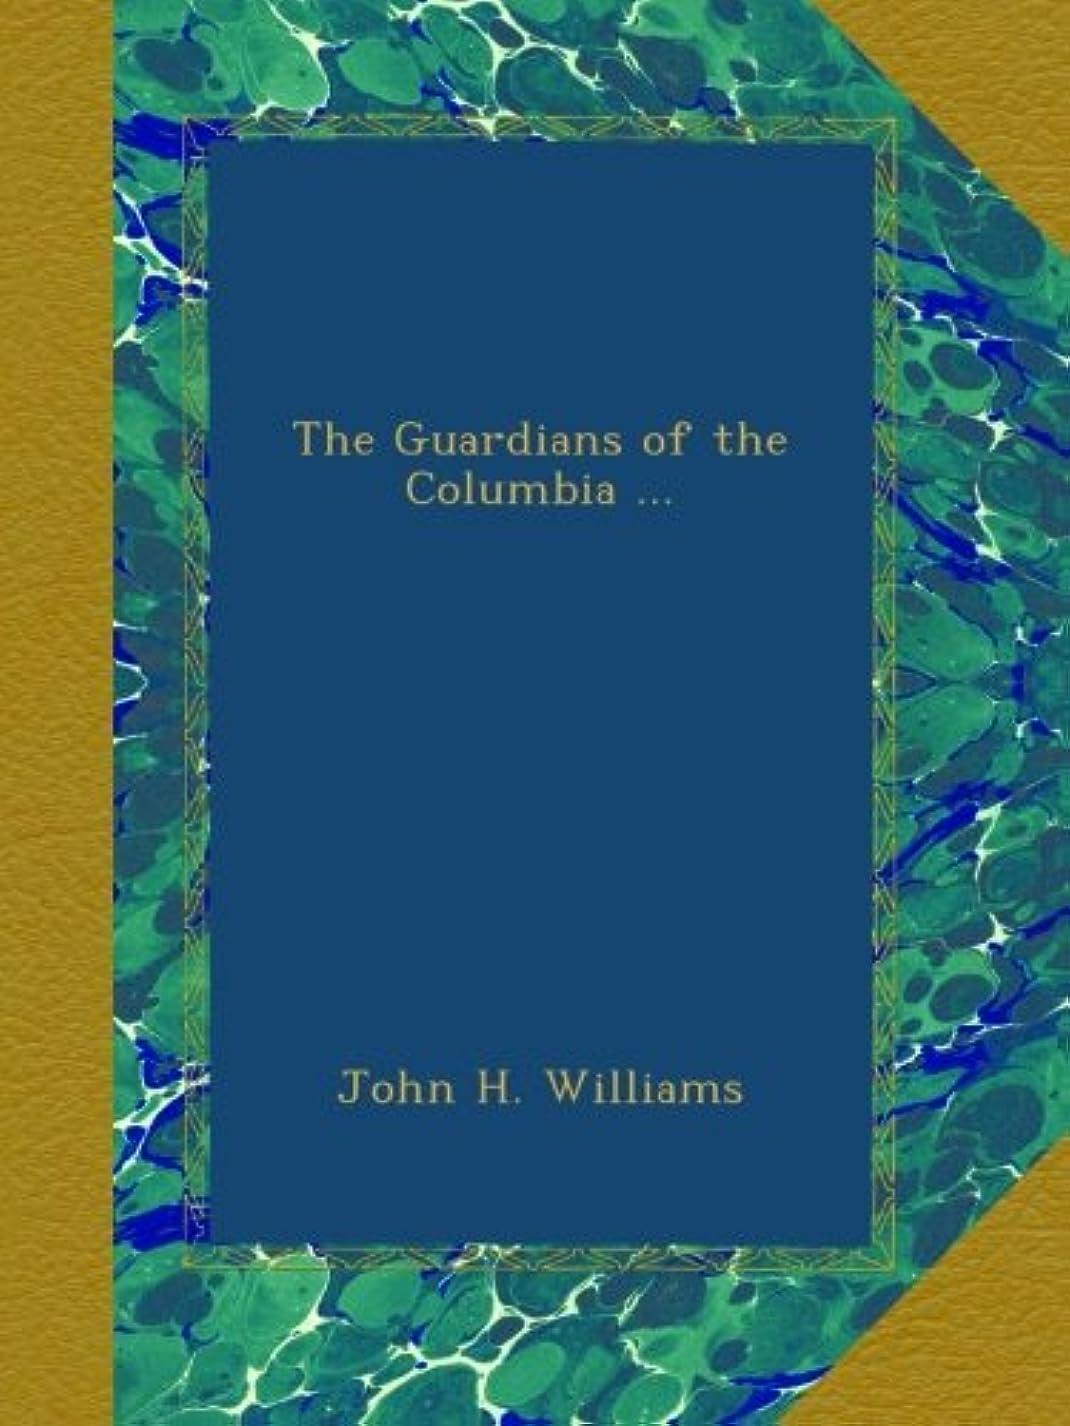 弾丸居心地の良いカプセルThe Guardians of the Columbia ...